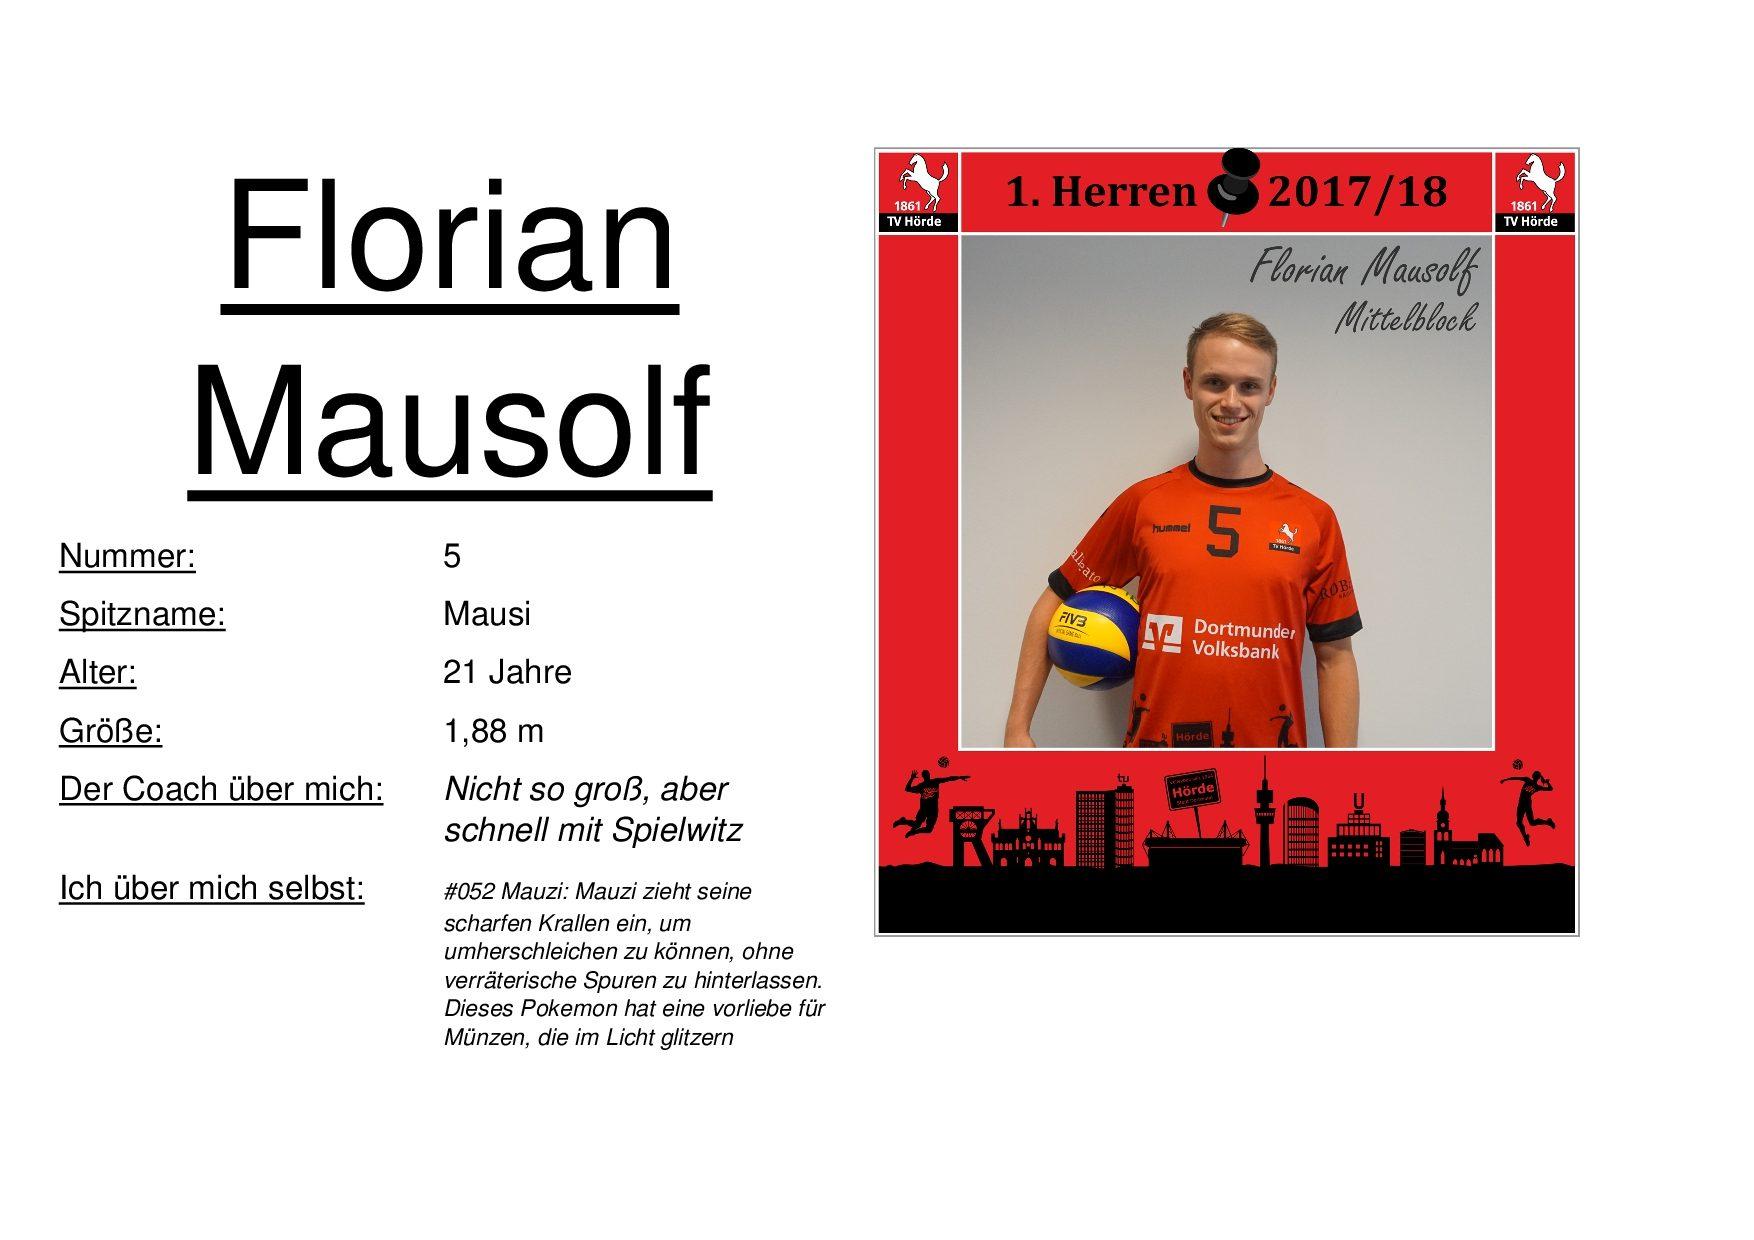 Florian Mausolf